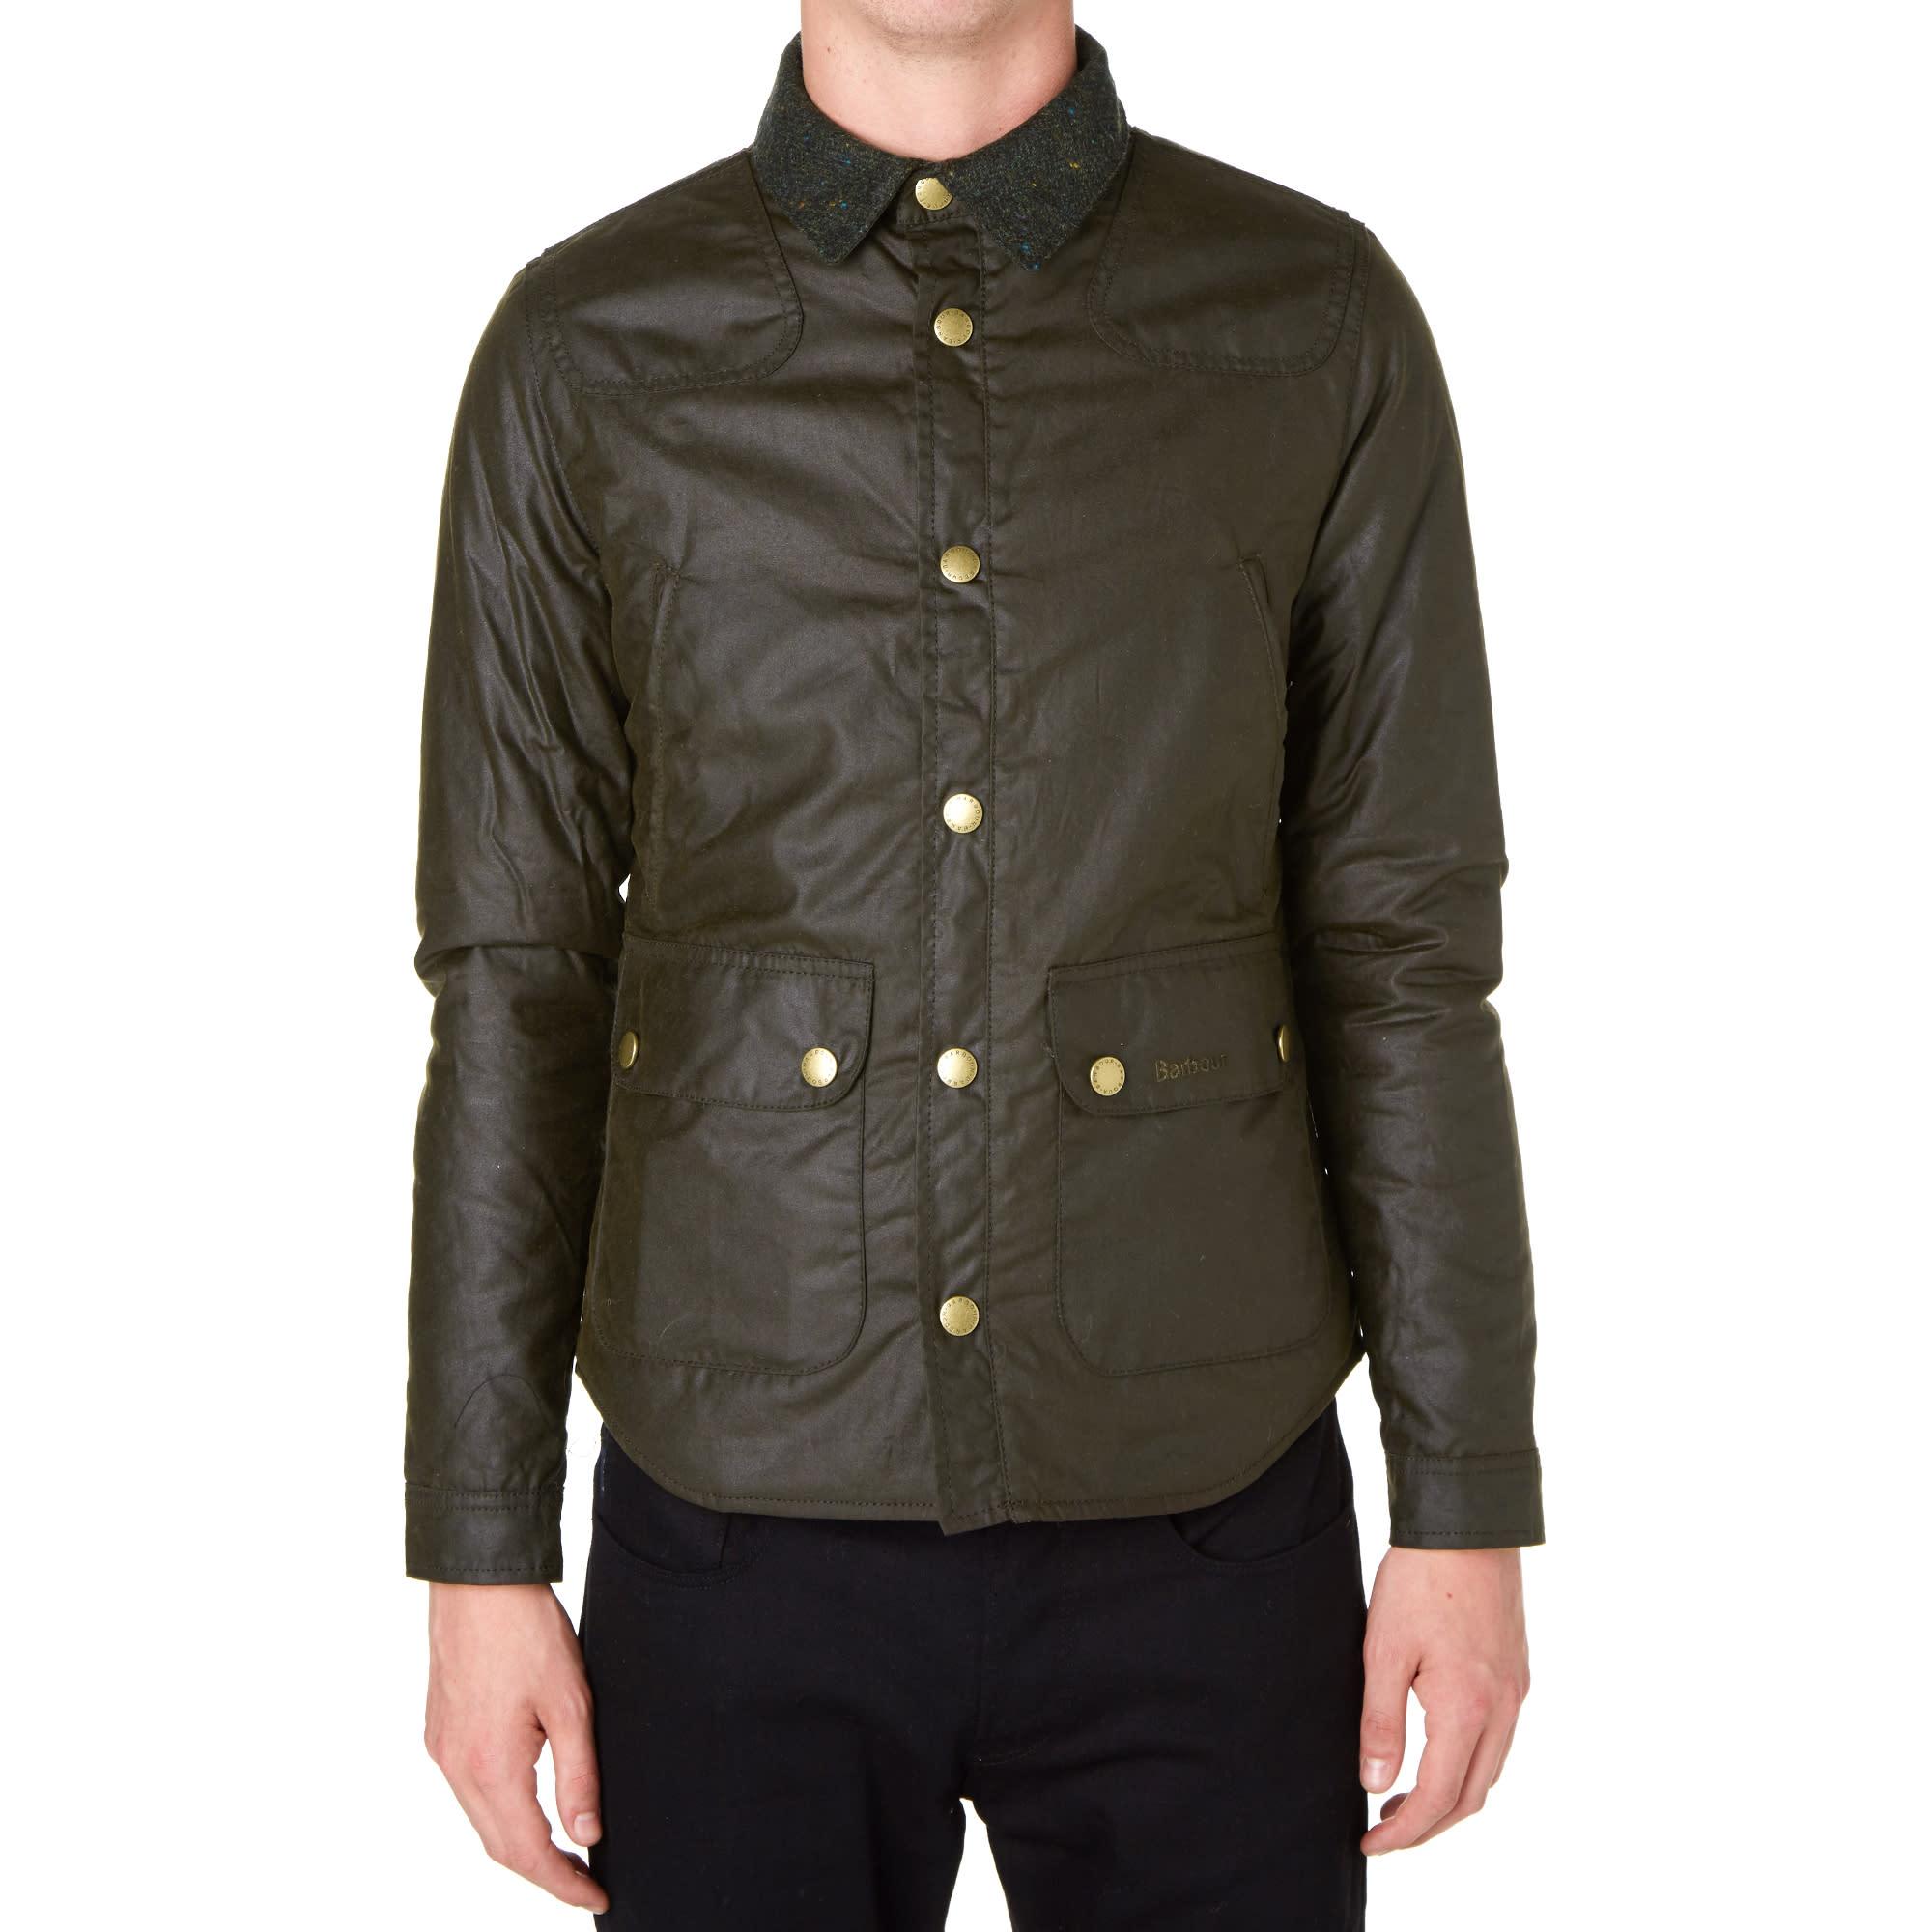 Barbour Reelin Jacket Olive